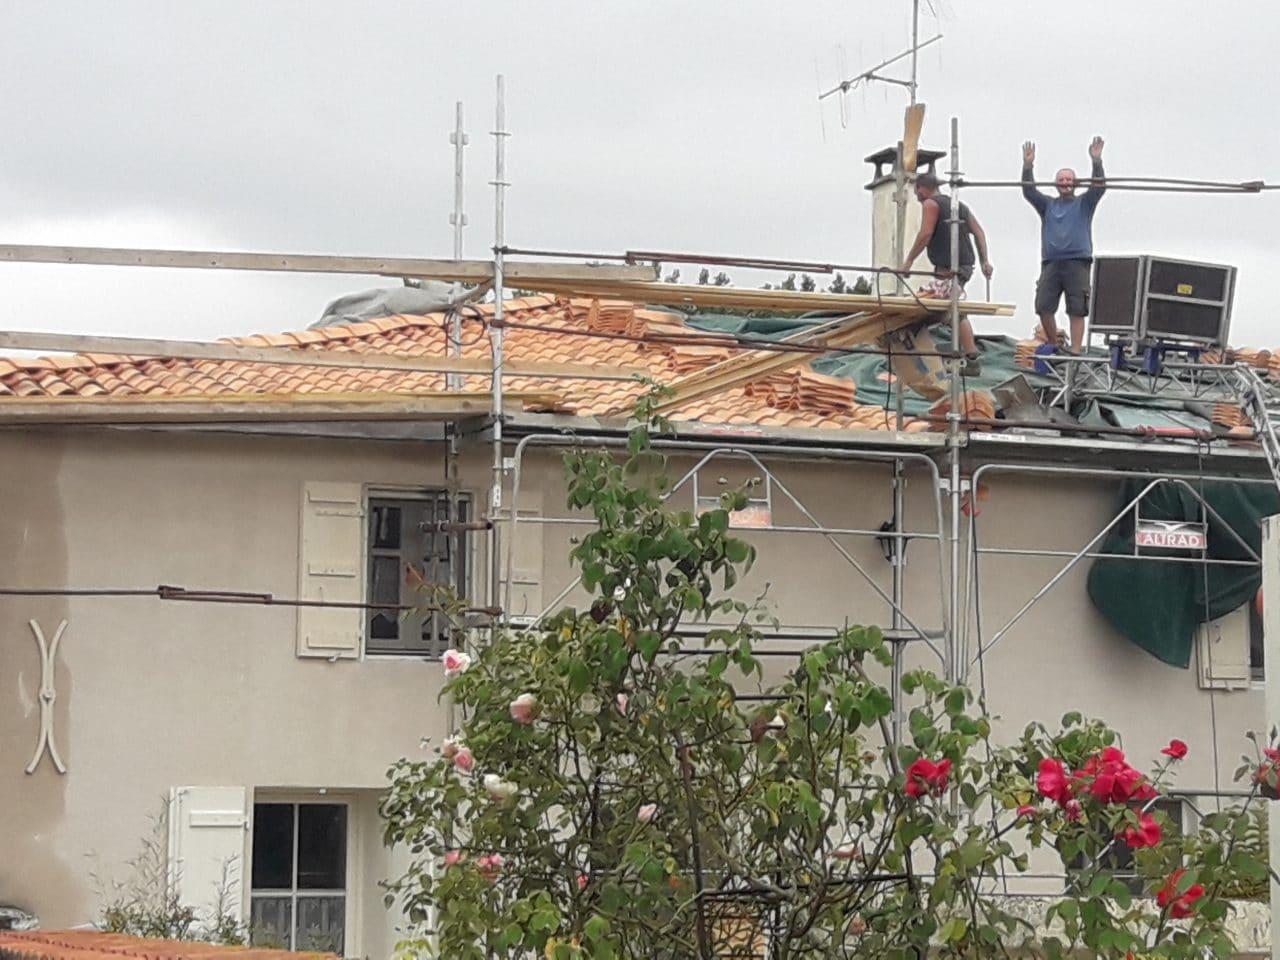 rénovation toiture pendant travaux dépose tuiles Saint-Hilaire-la-Palud